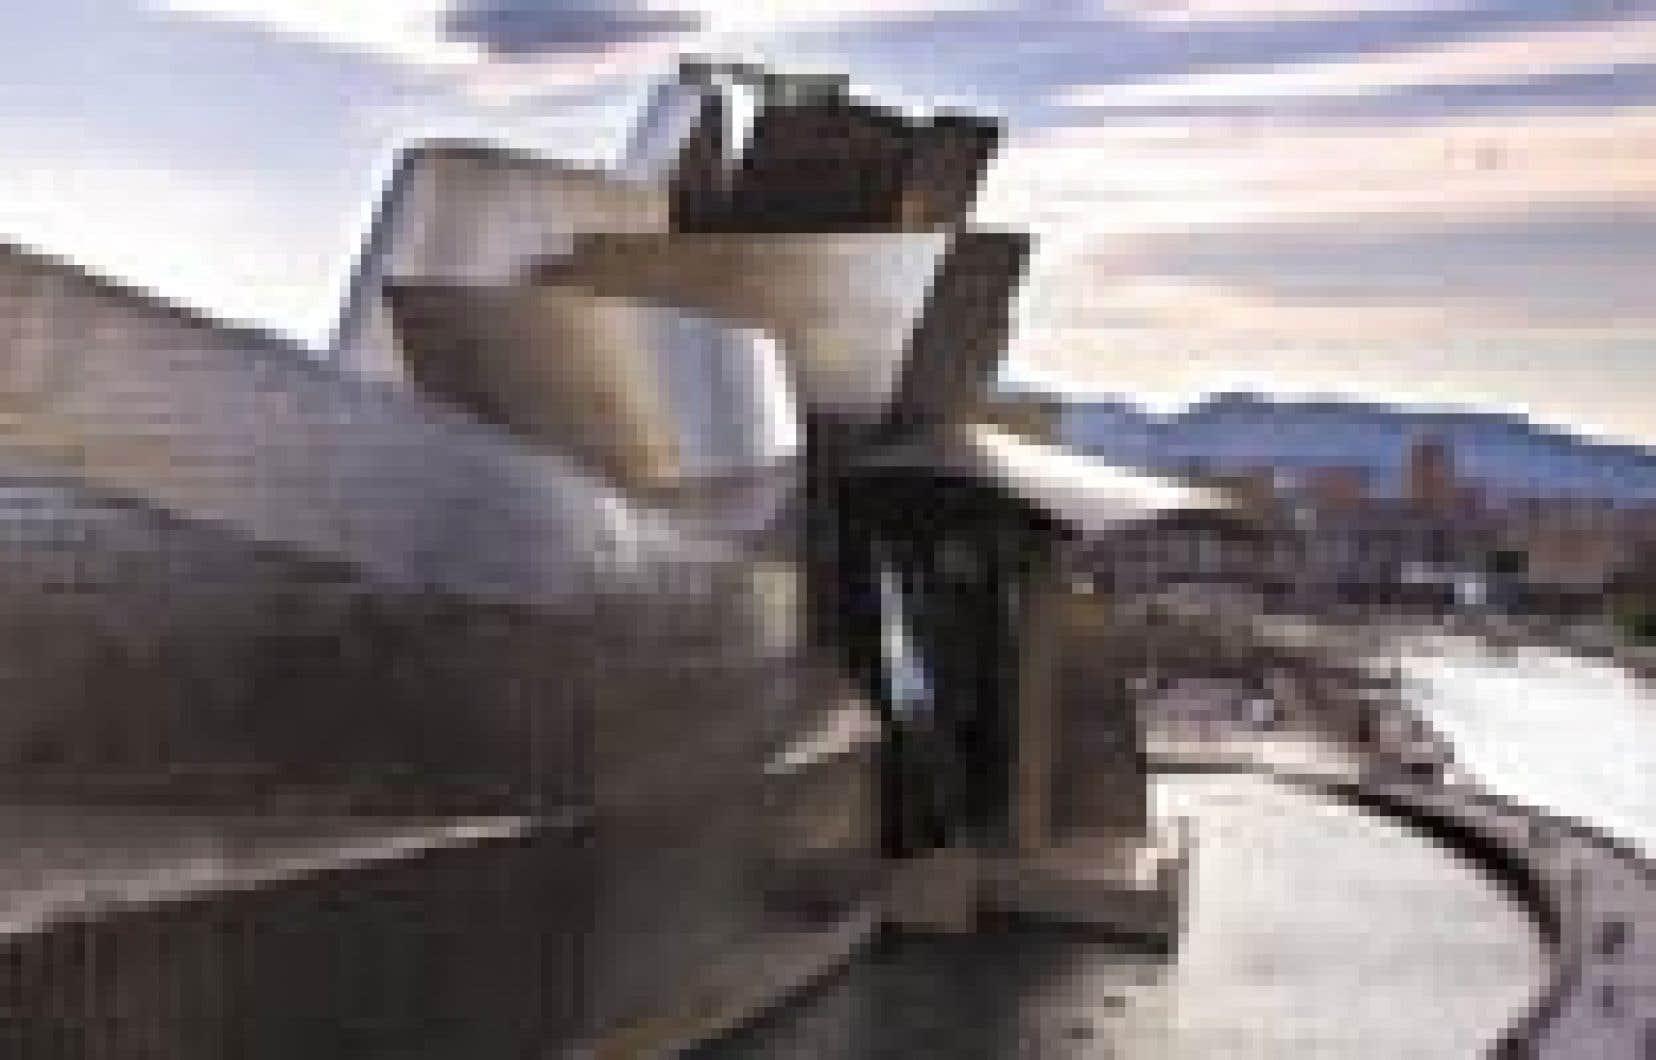 Le musée Guggenheim de Bilbao.